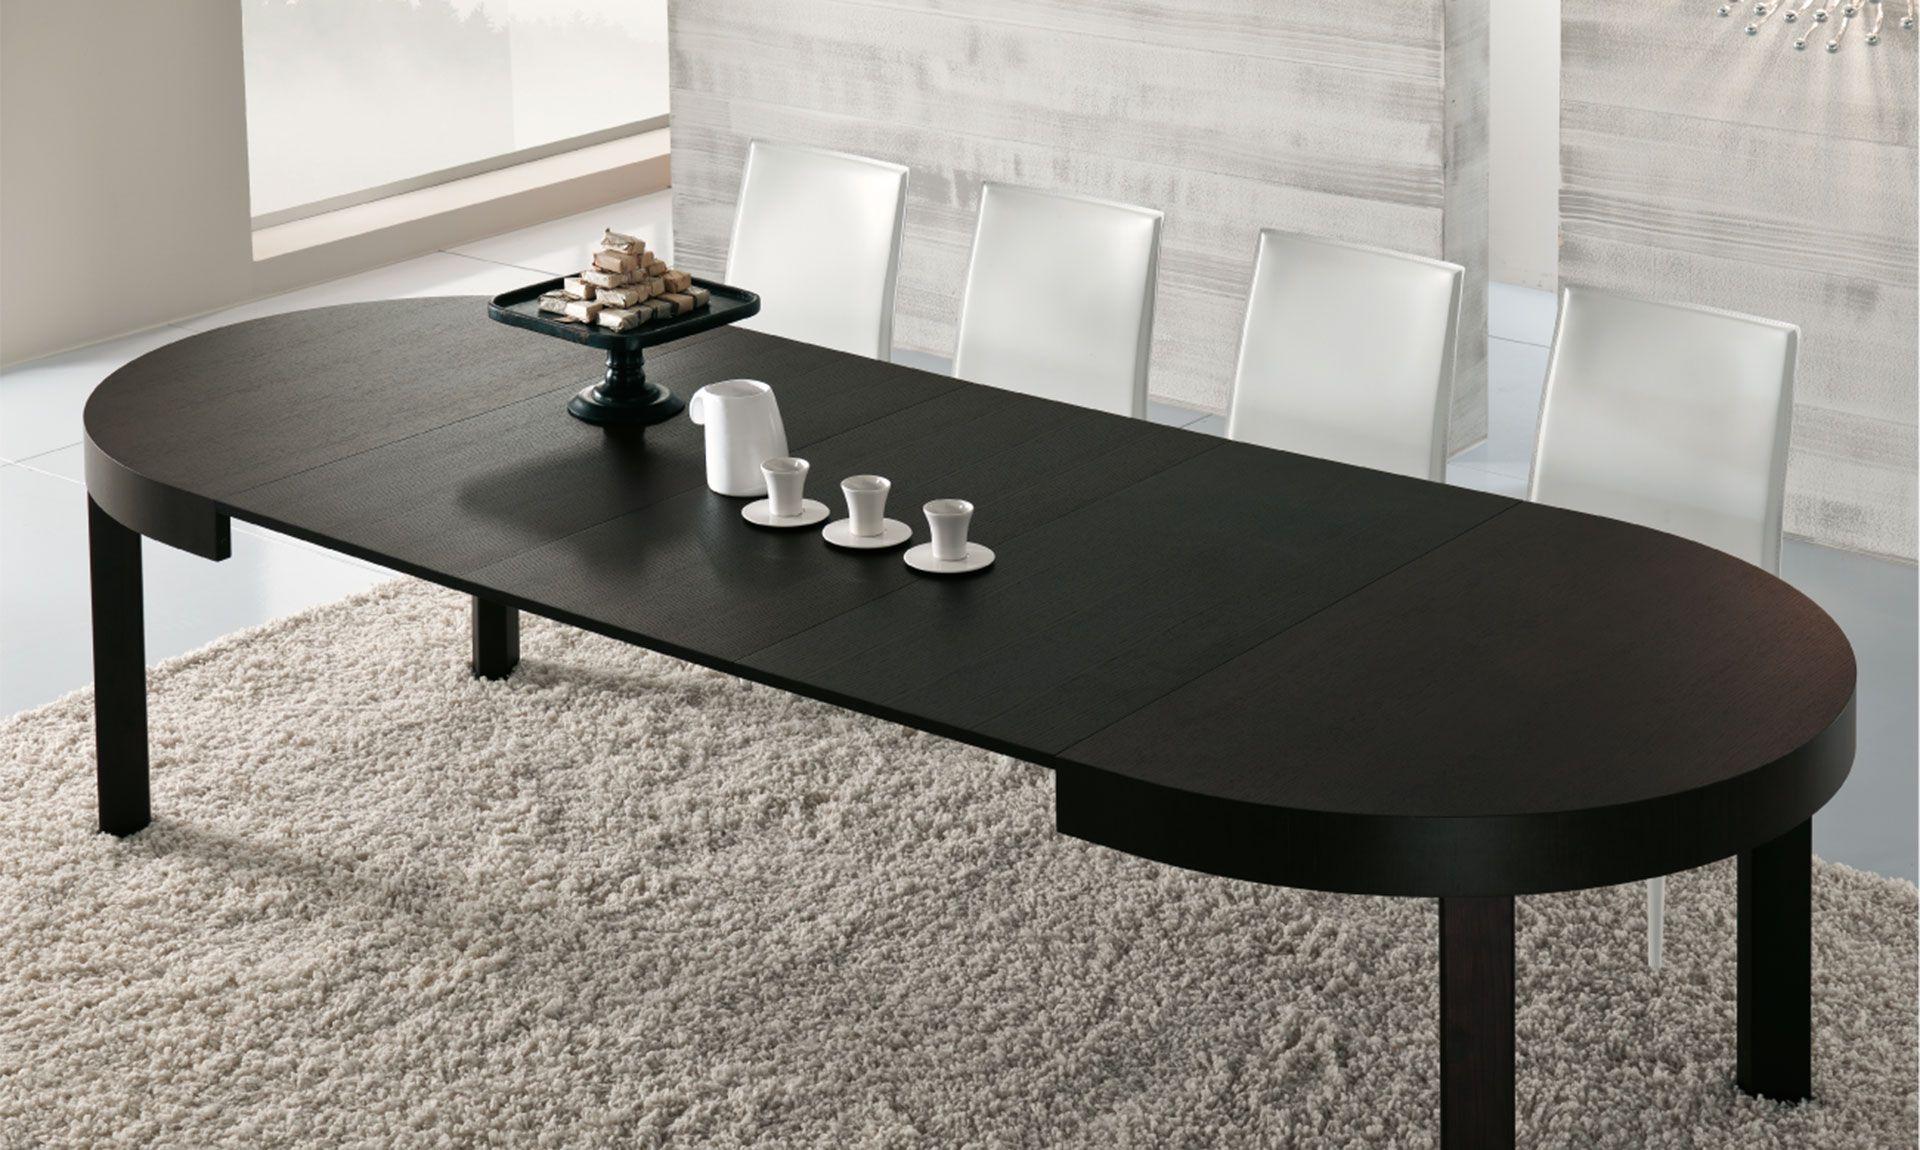 Tavolo minimal ~ Tavolo rotondo zed zed è il tavolo rotondo che diventa oblungo